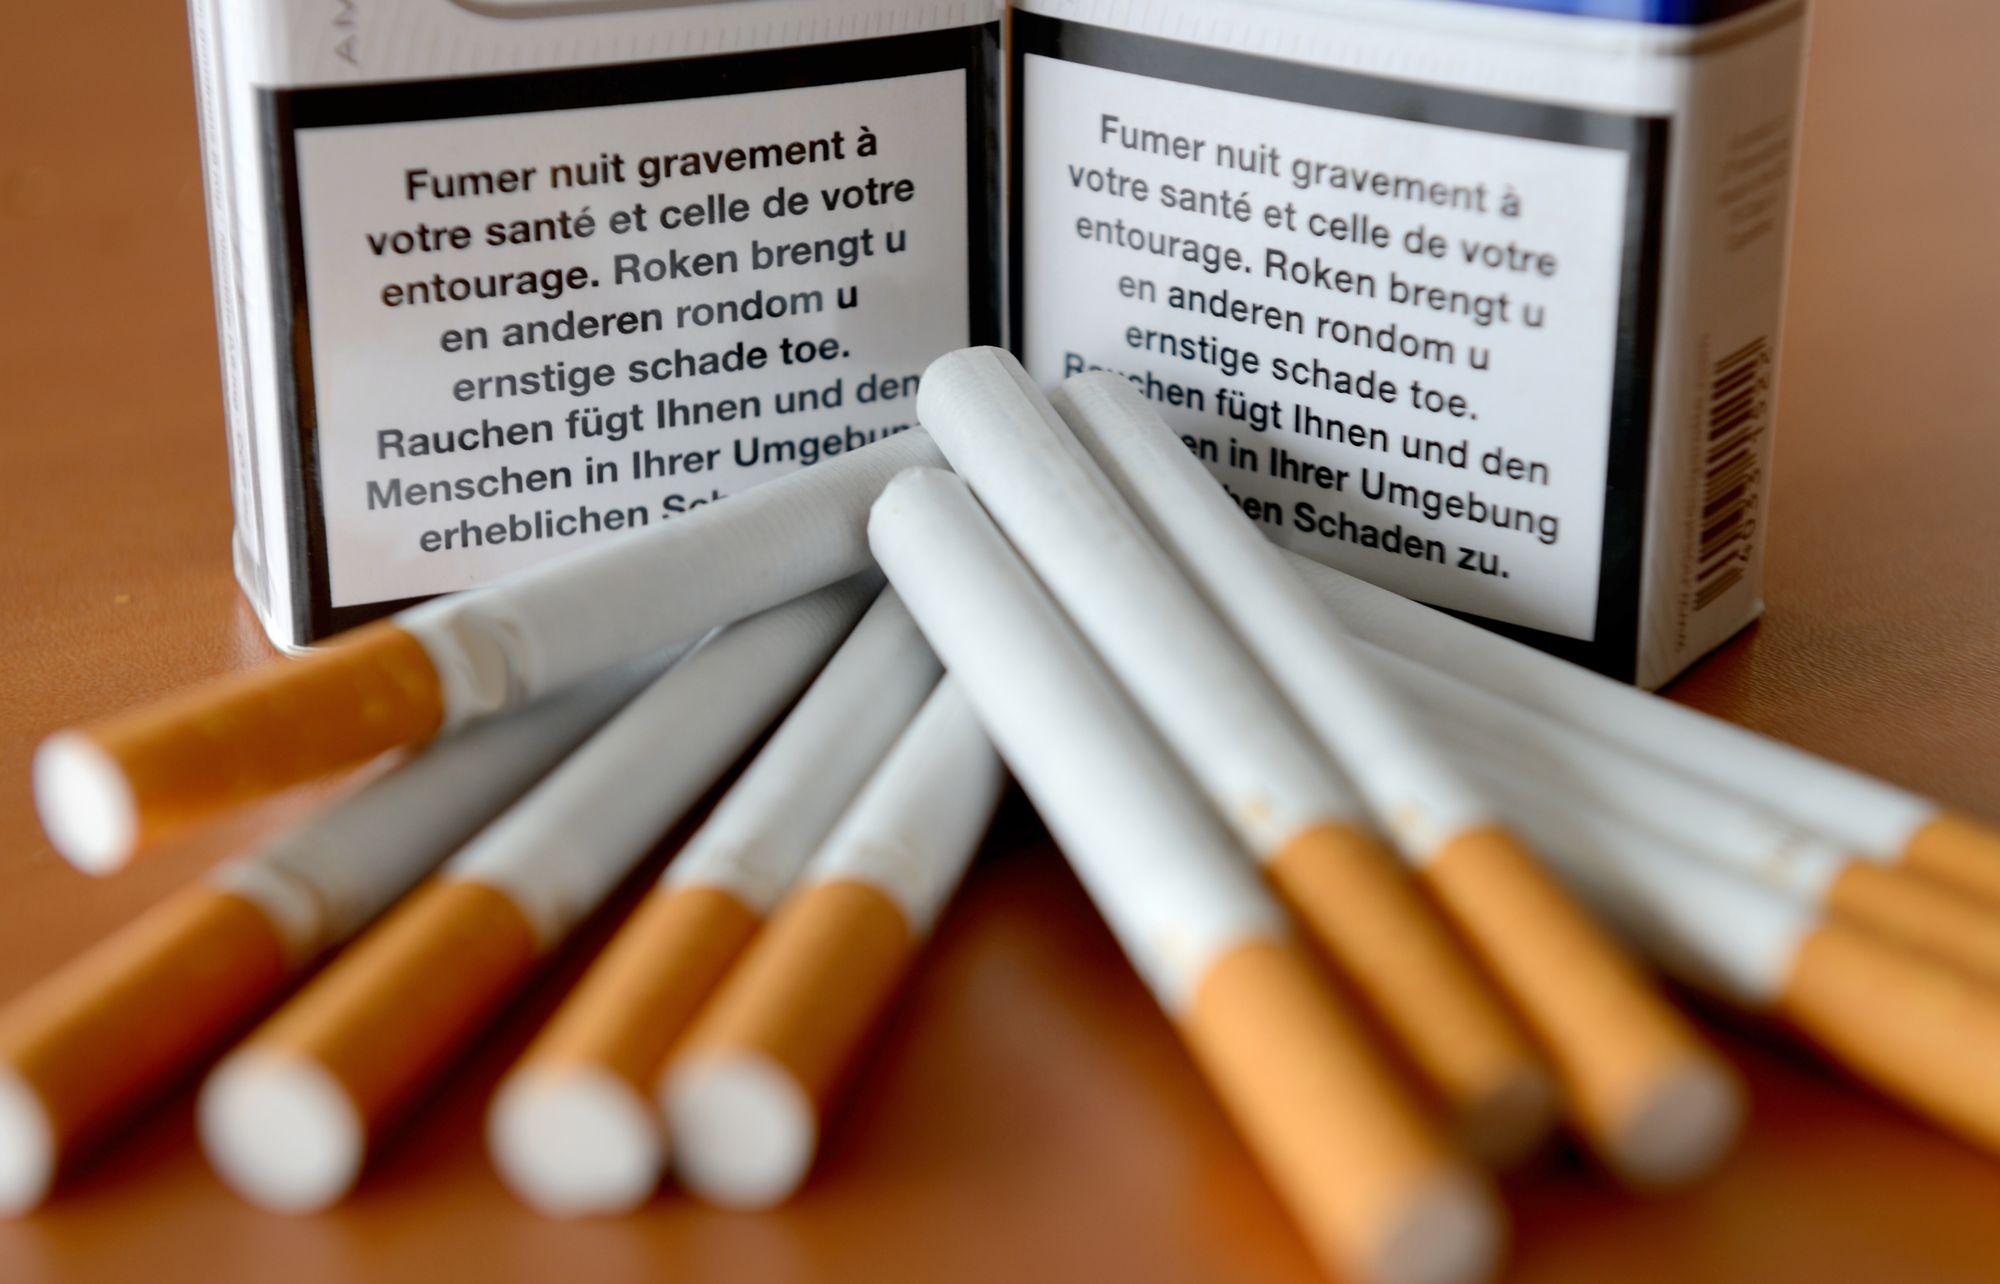 le conseil f d ral veut poursuivre l 39 augmentation du prix des cigarettes suisse. Black Bedroom Furniture Sets. Home Design Ideas